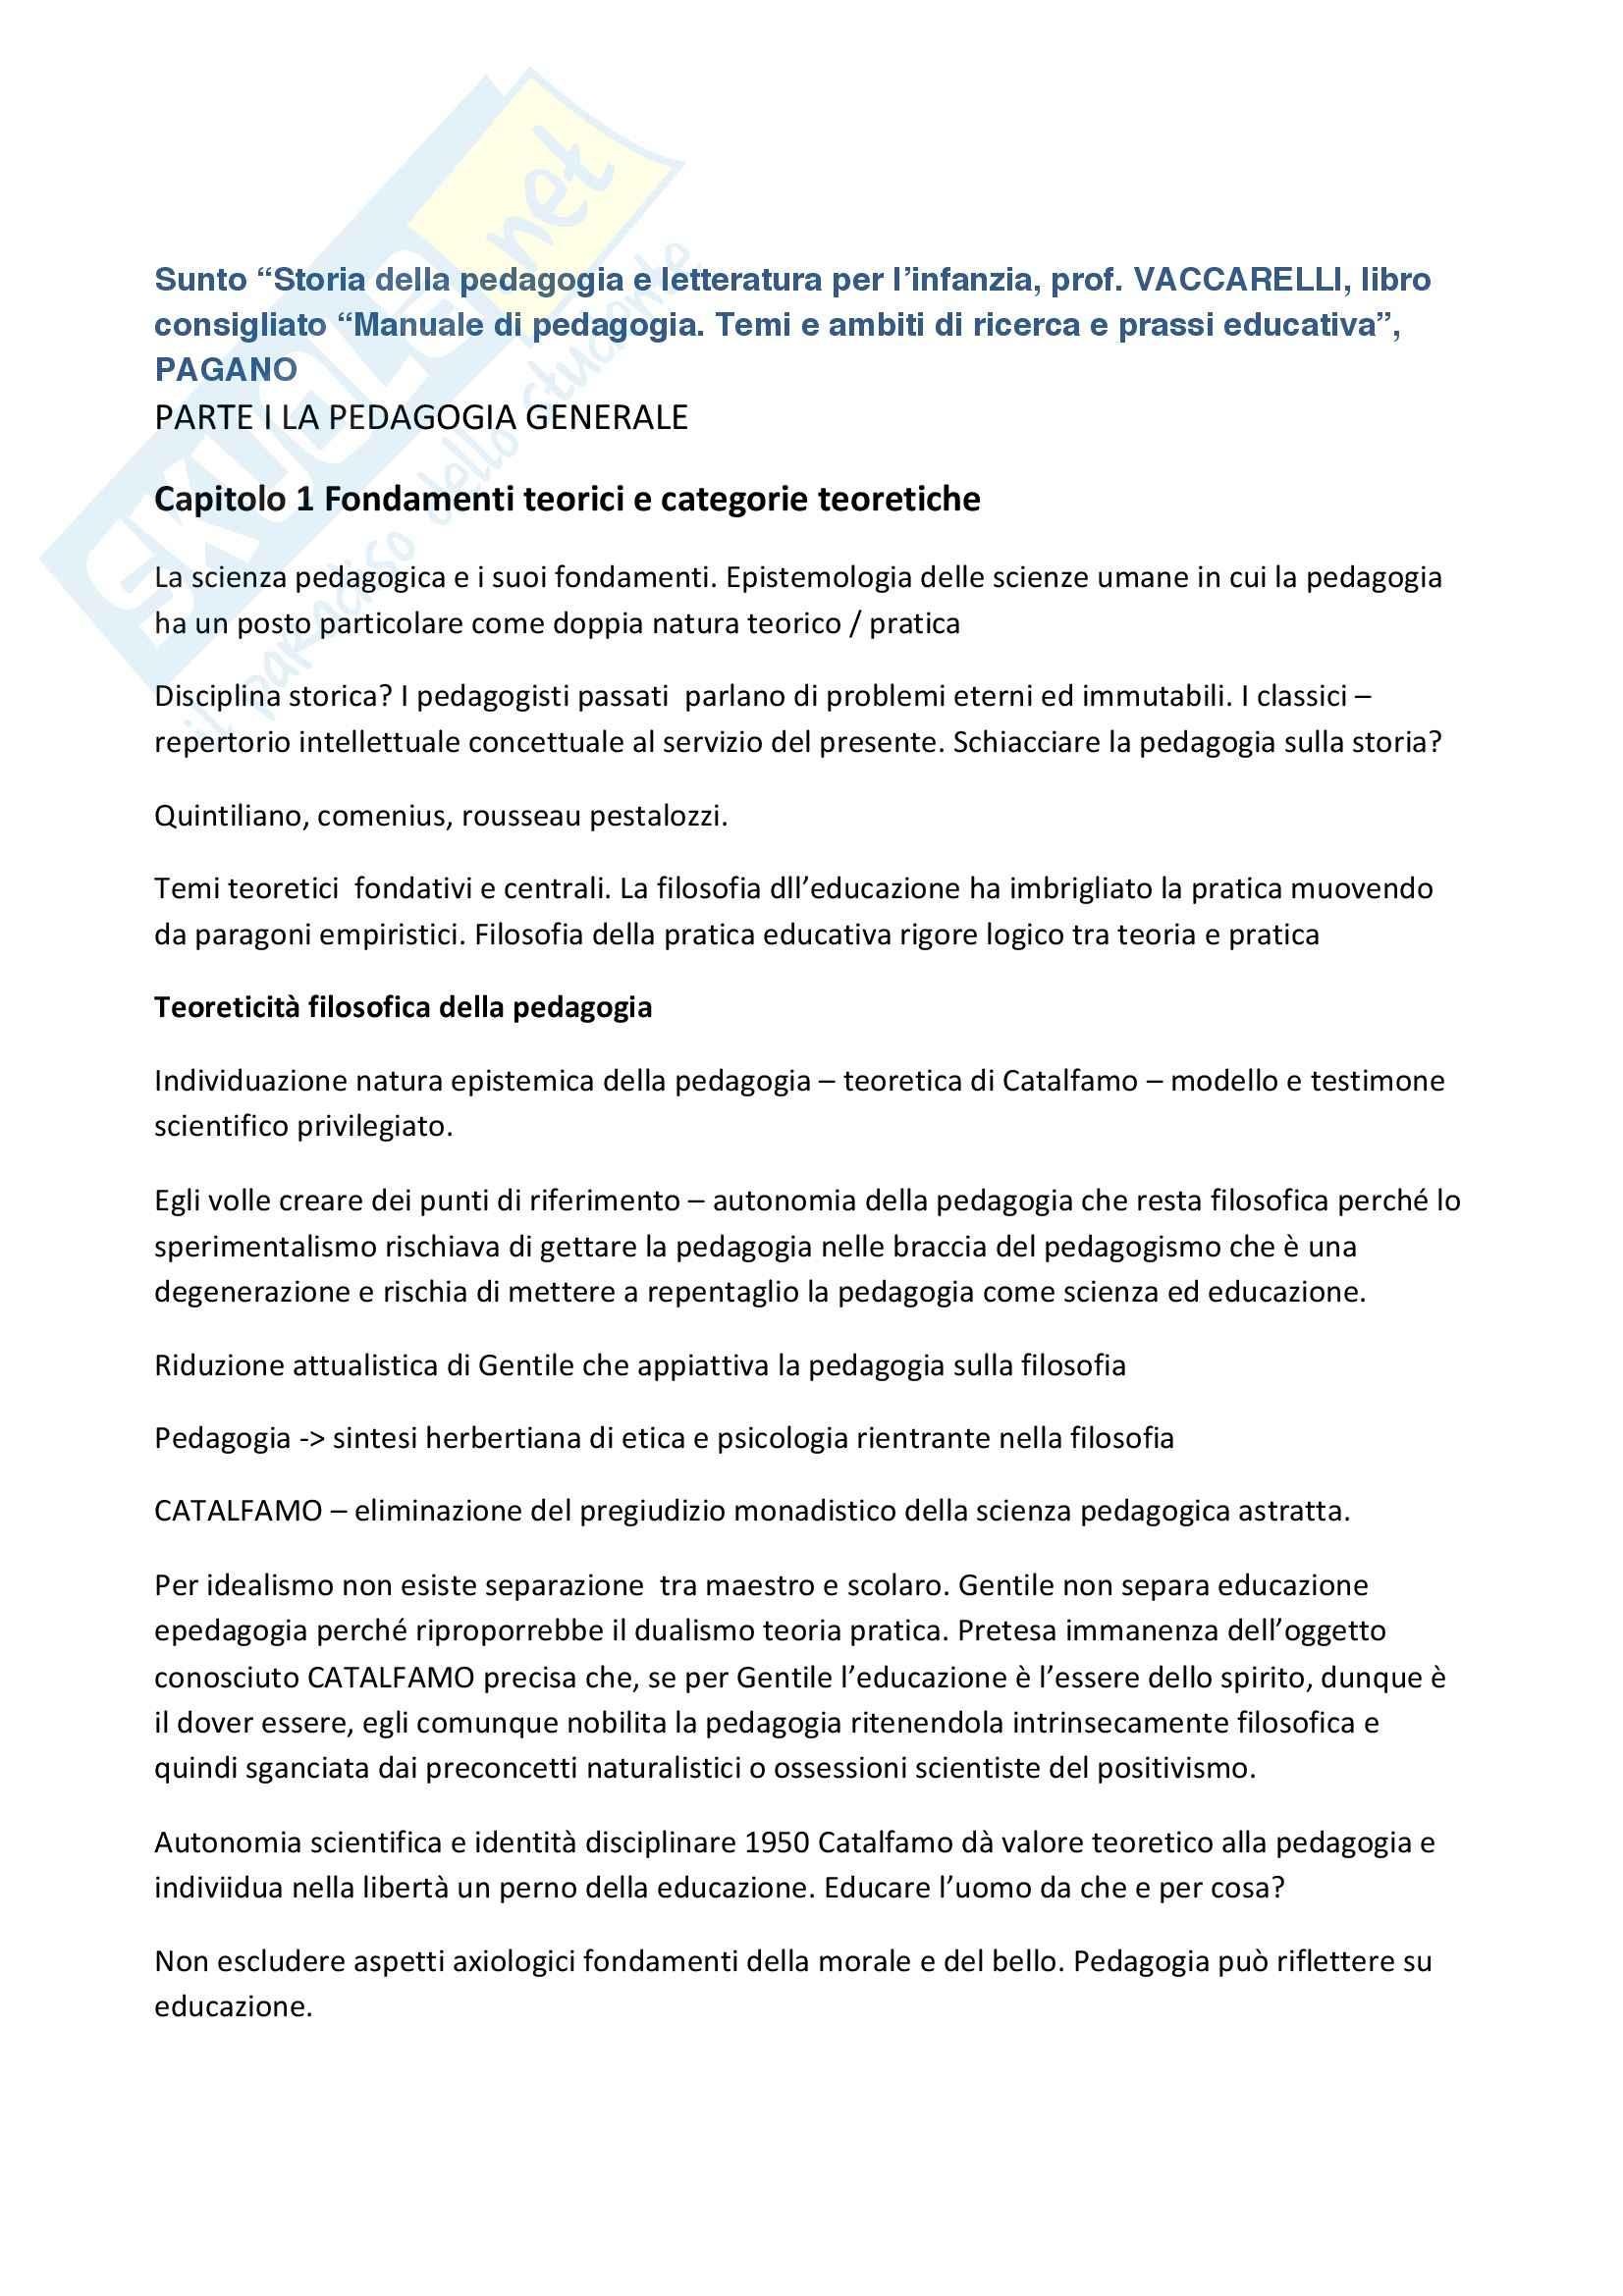 Riassunto esame Storia della pedagogia, prof. Vaccarelli, libro consigliato Manuale di pedagogia, Pagano